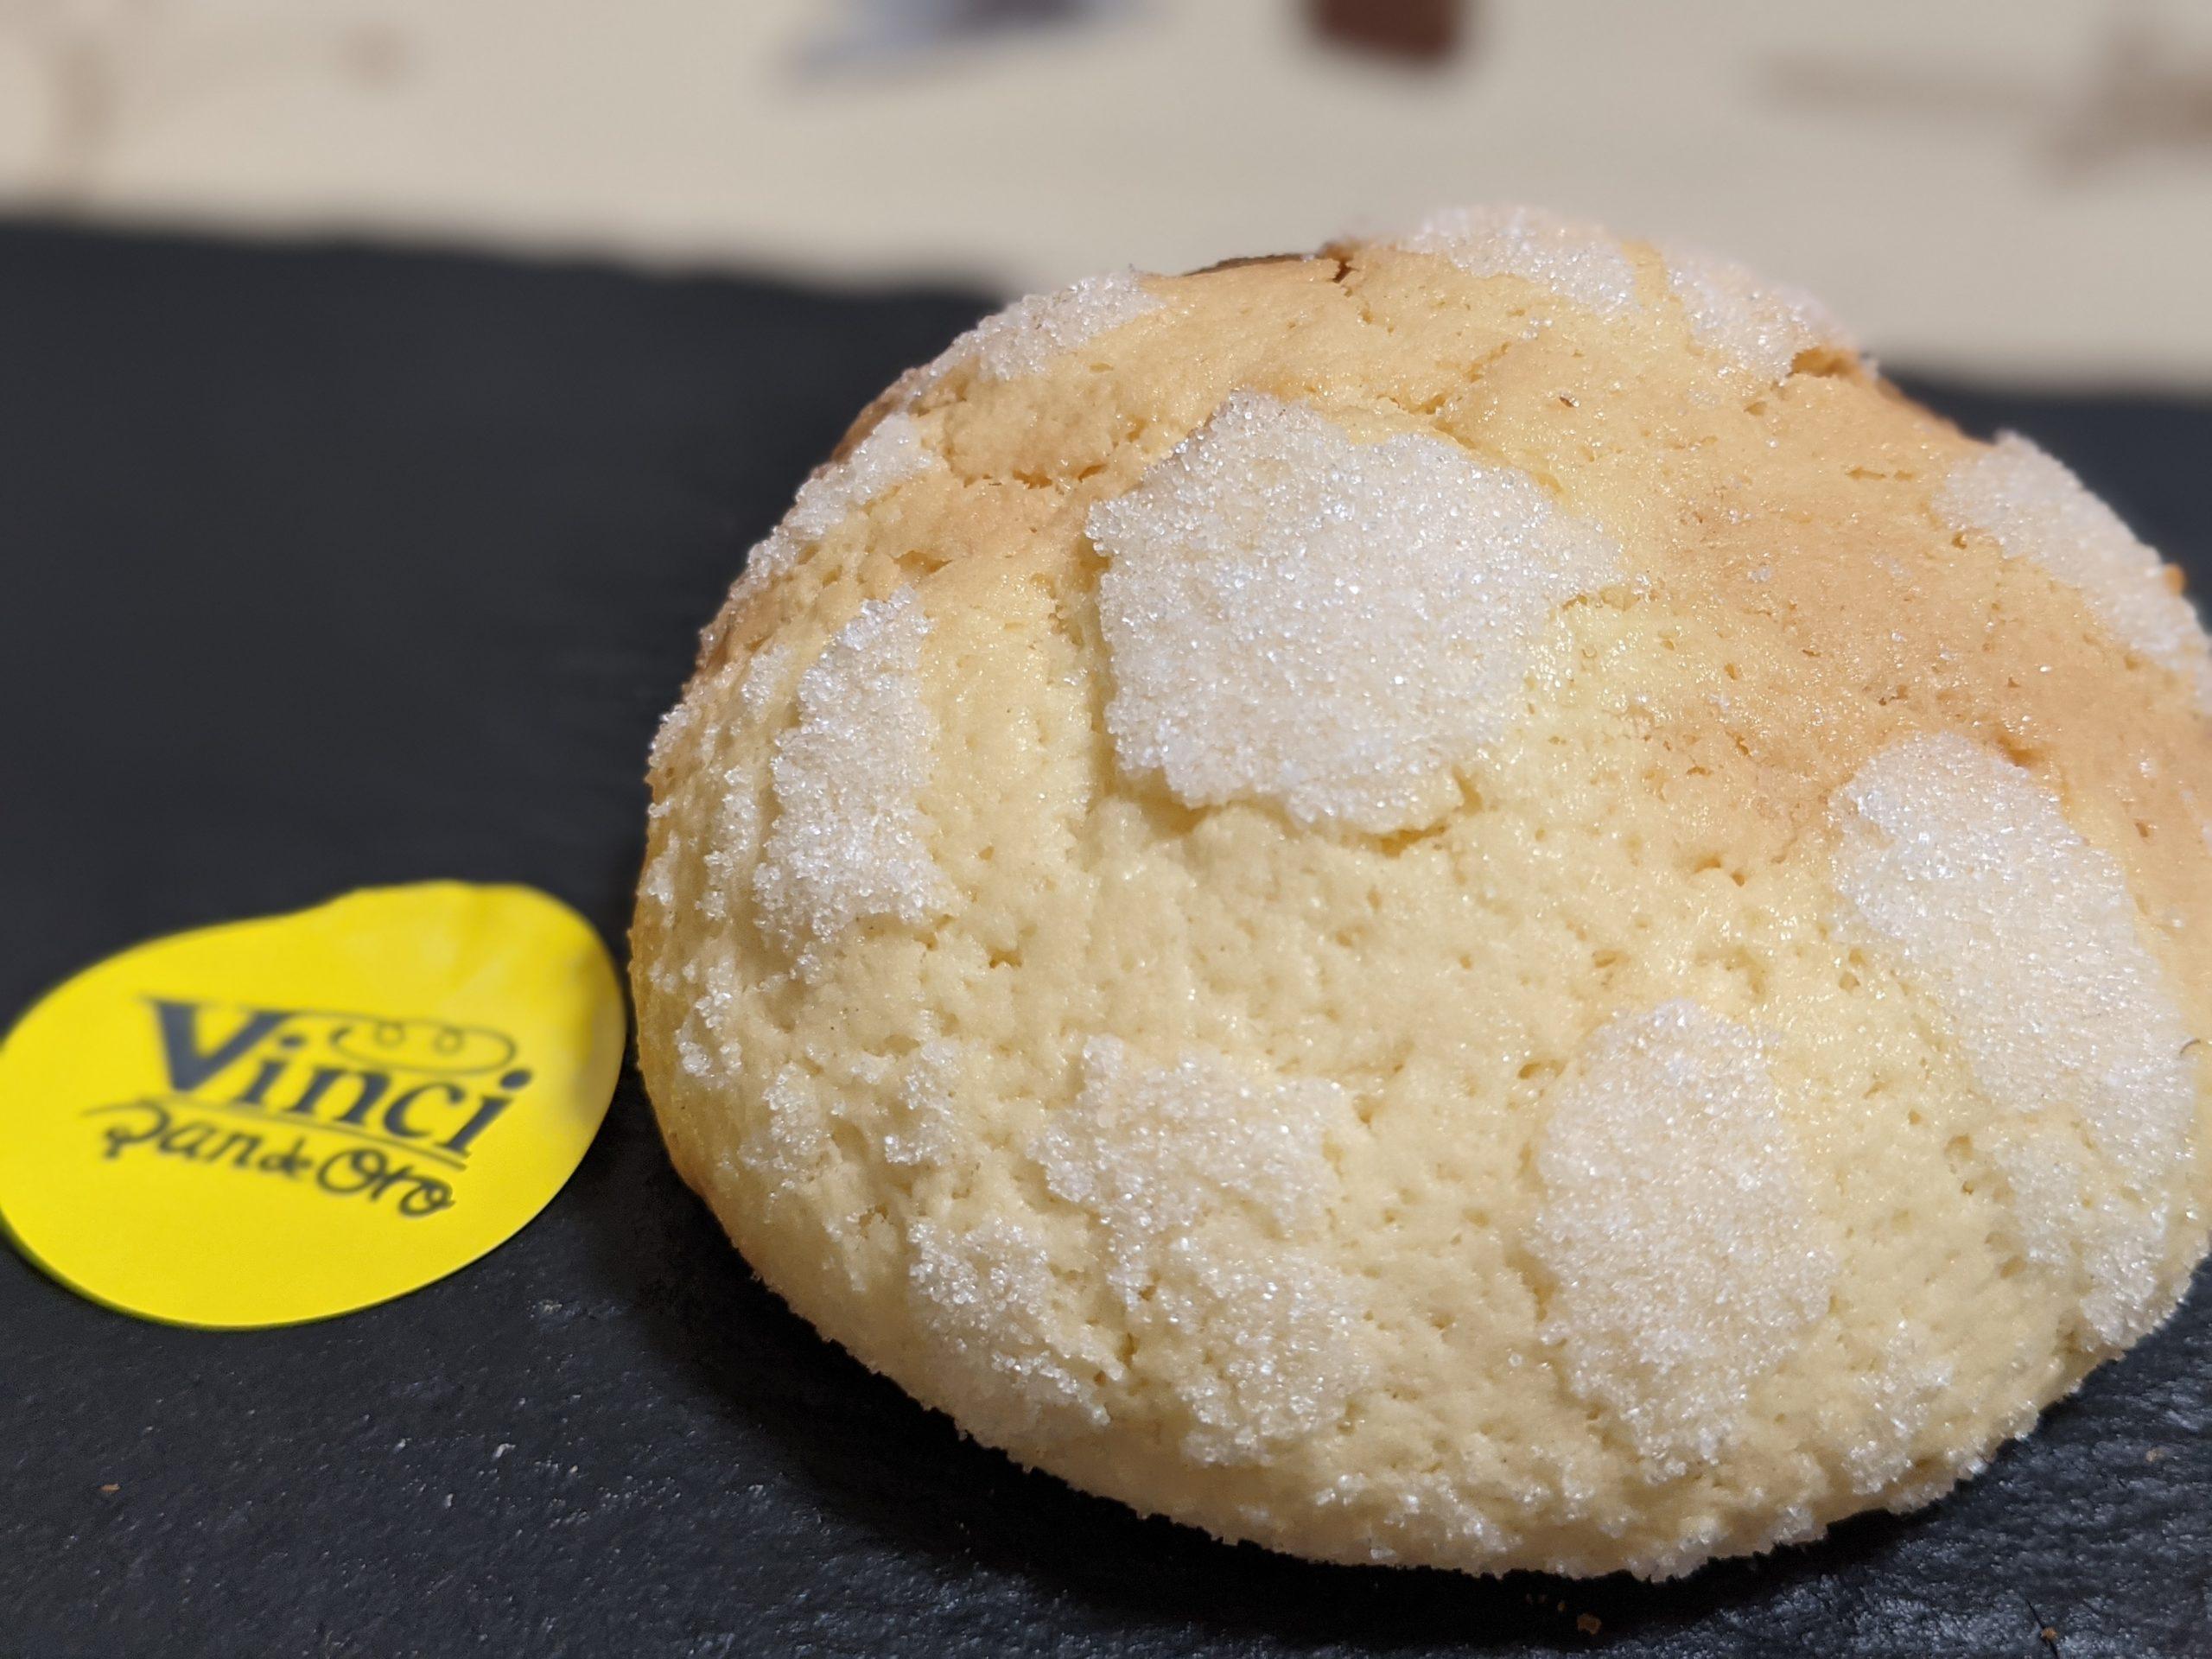 ヴィンチパンドーロのメロンパン